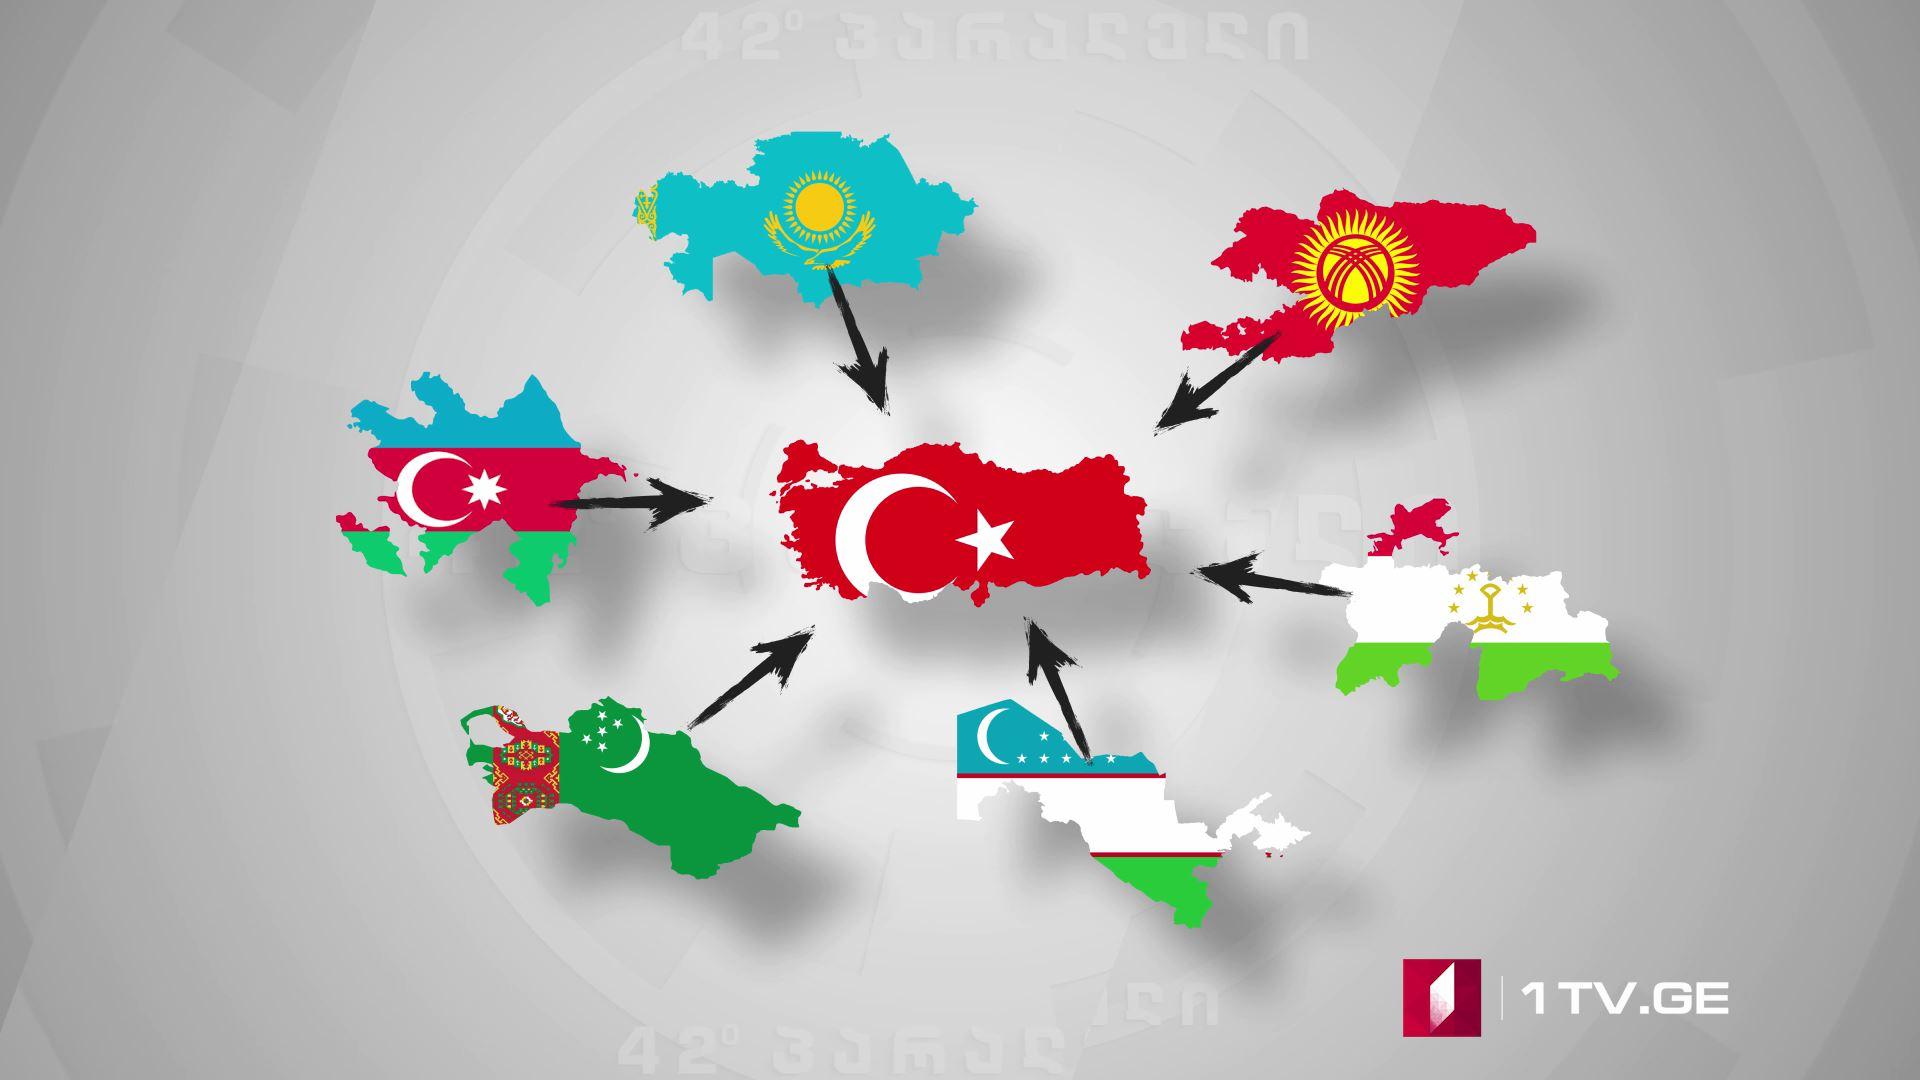 42° პარალელი - თურქული მოდელის განვითარების ისტორია